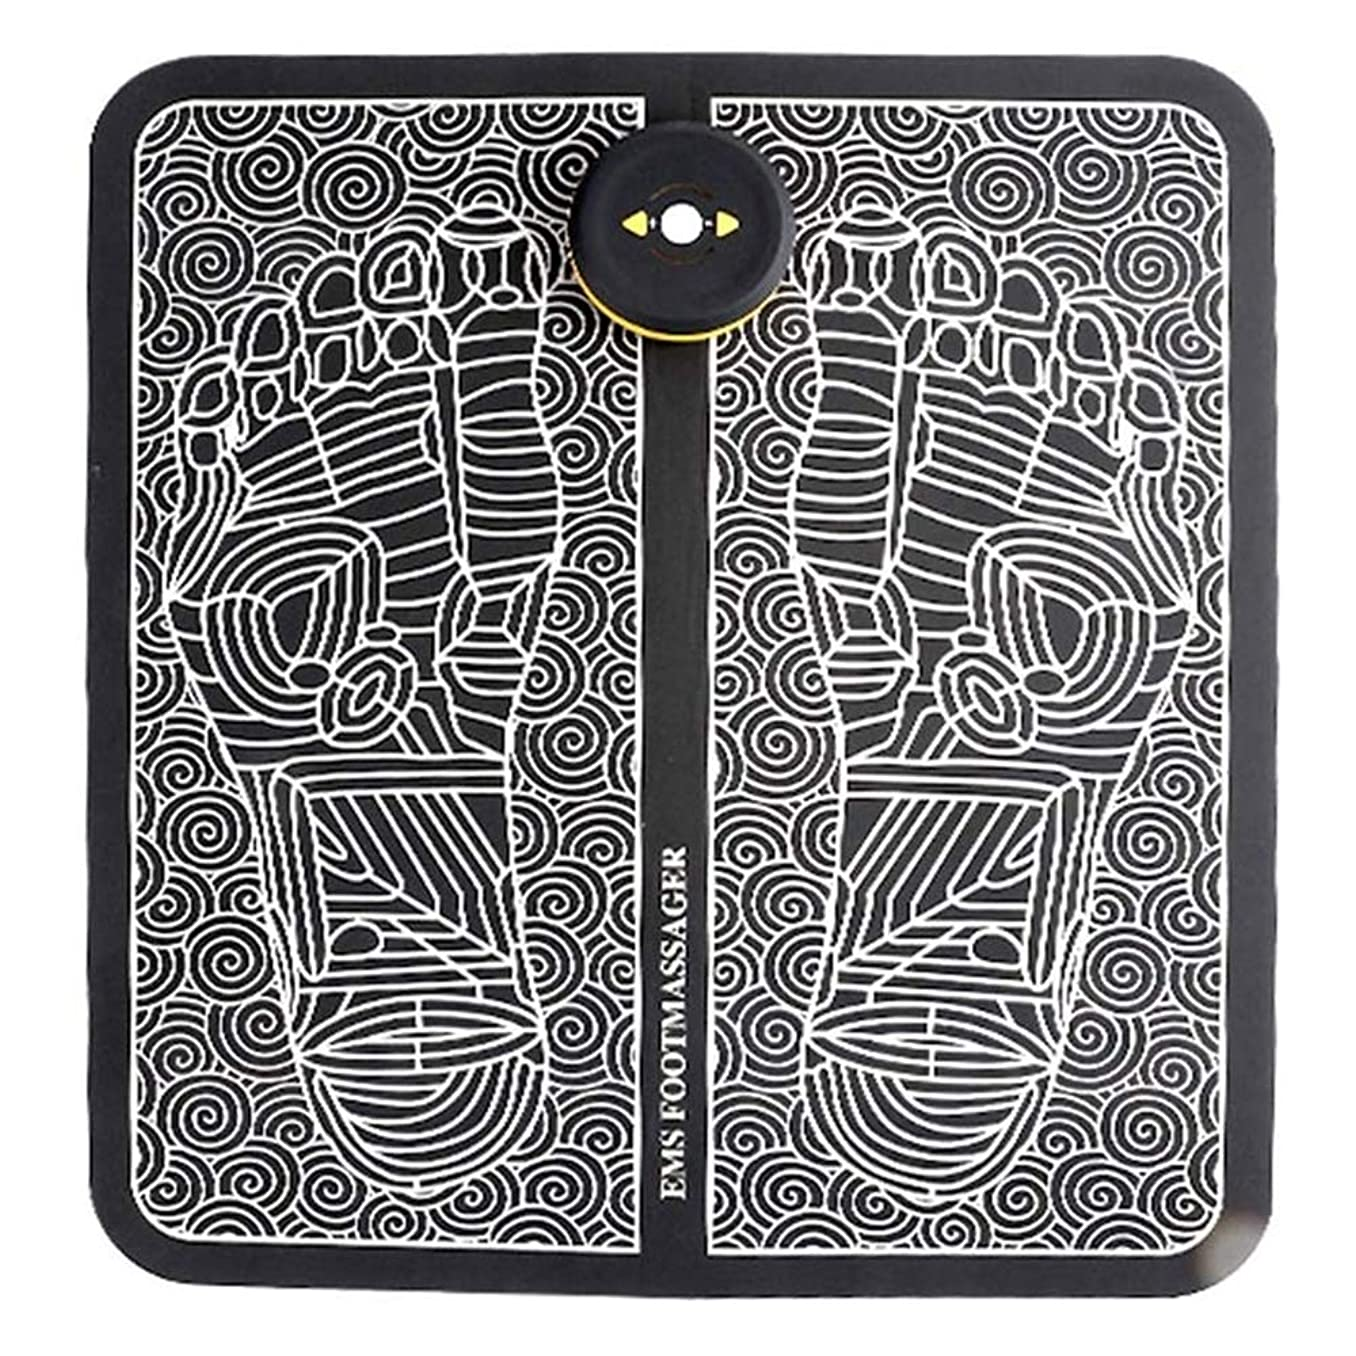 晴れ人気ビジョンEMSフットマッサージ器、USB充電式折りたたみ携帯用電気マッサージマット、電子筋Stimulatior足マッサージ促進血液循環筋肉の痛みを軽減